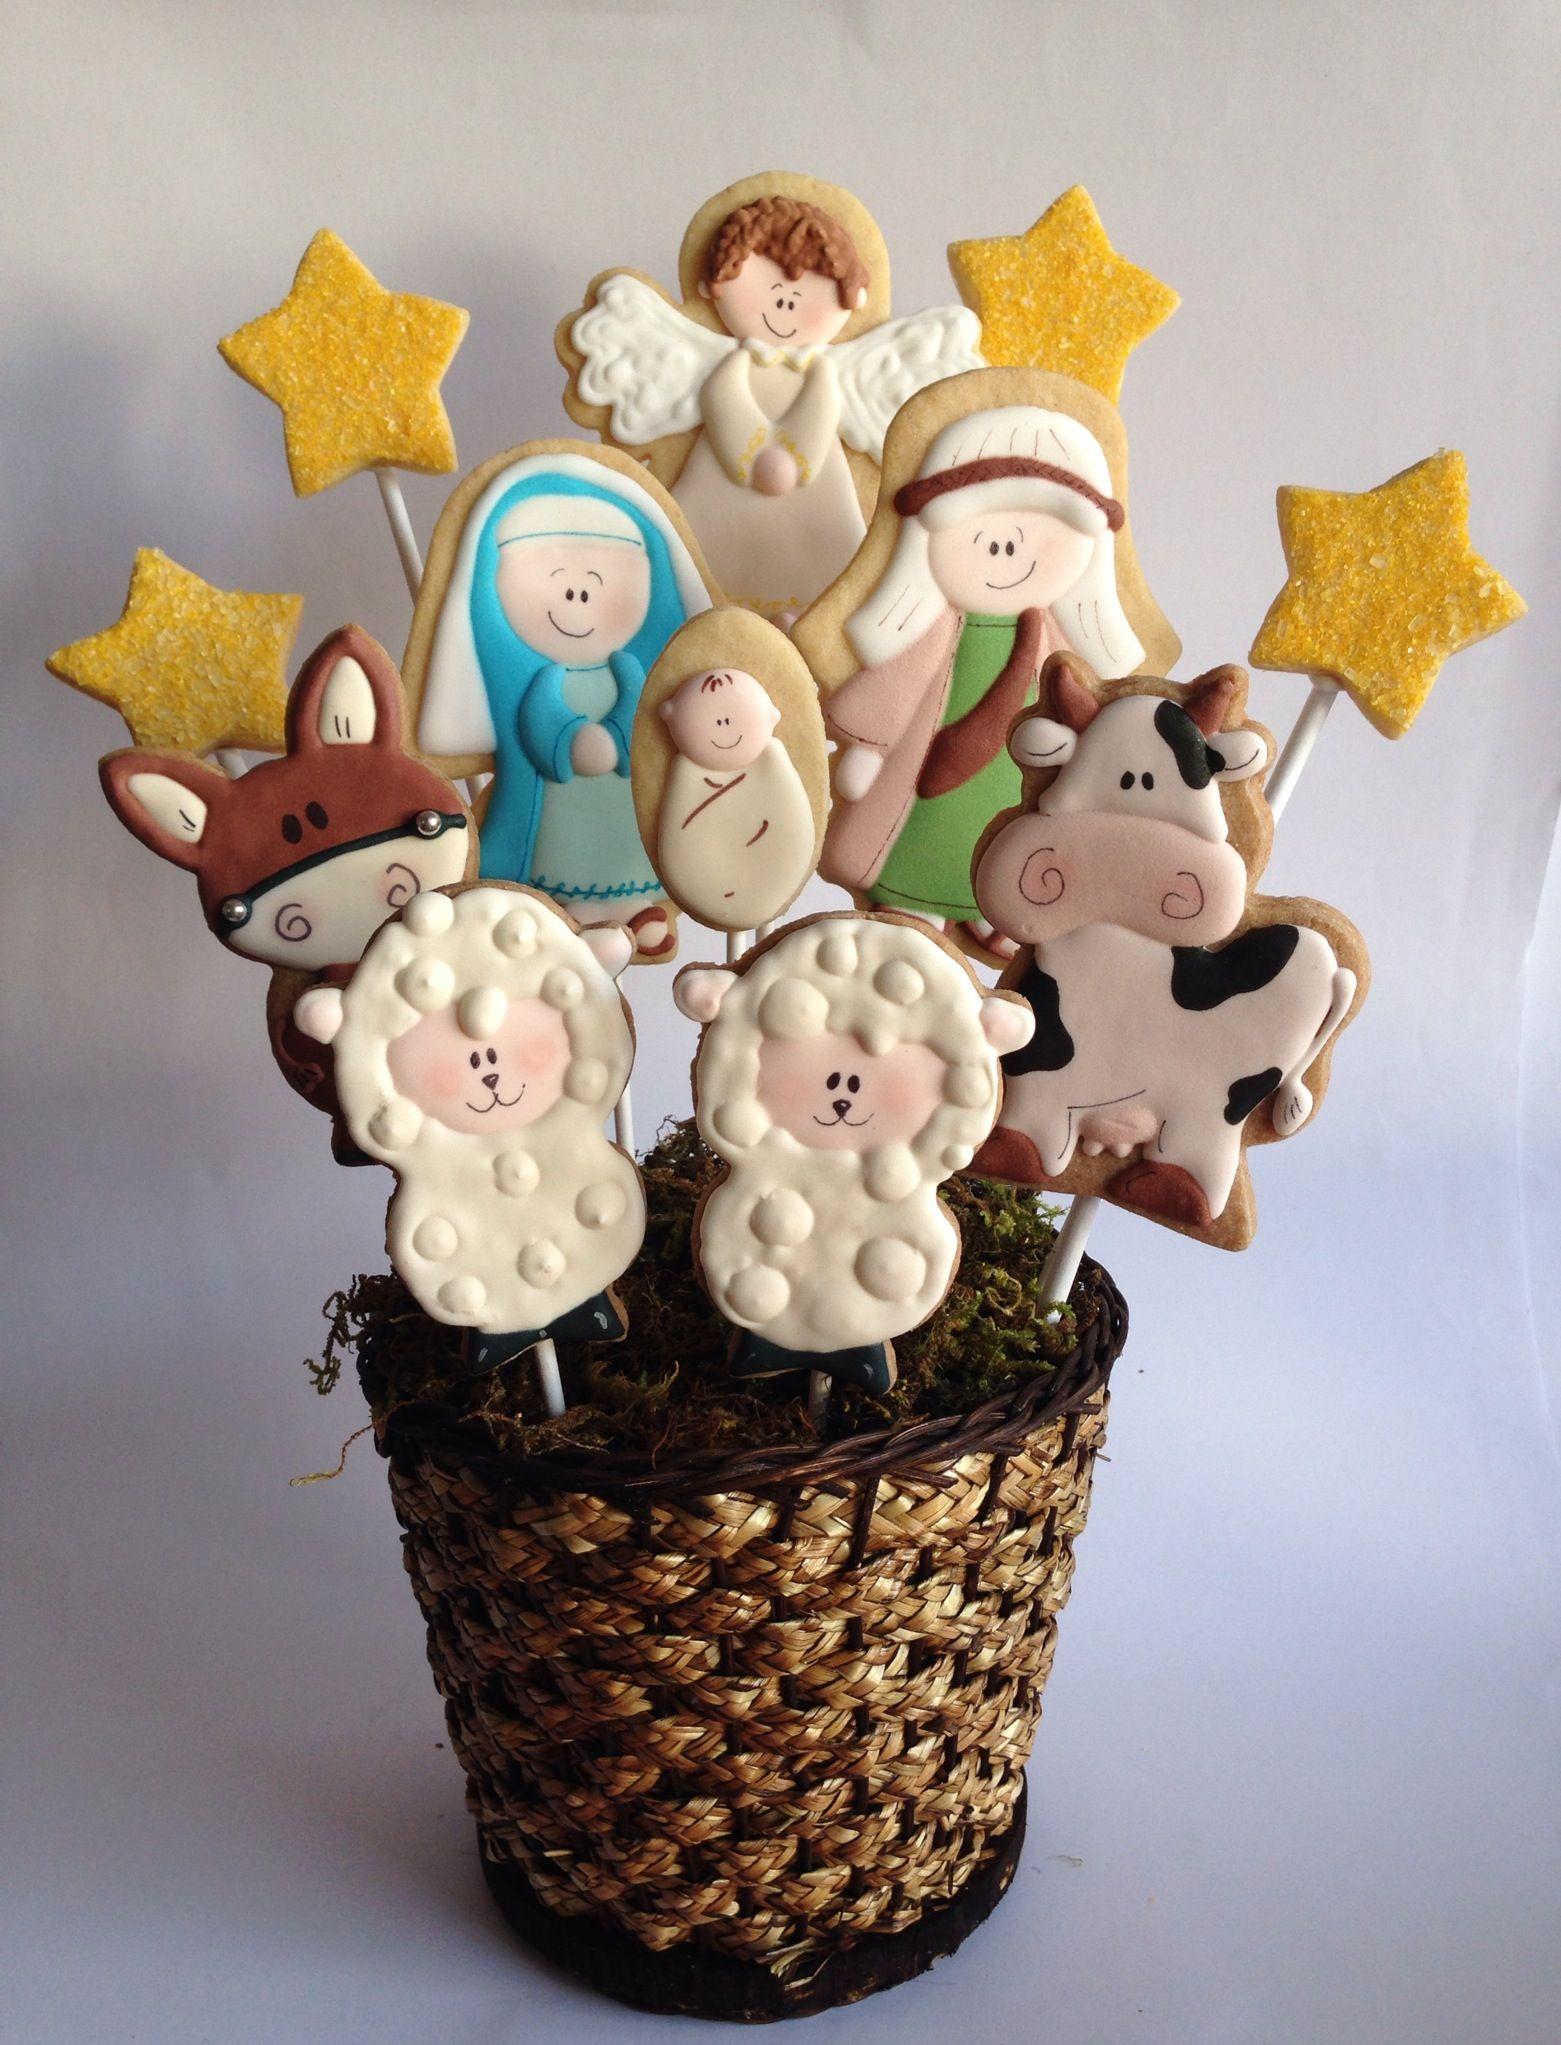 Nacimiento de galletas   galletas   Pinterest   Christmas cookies ...